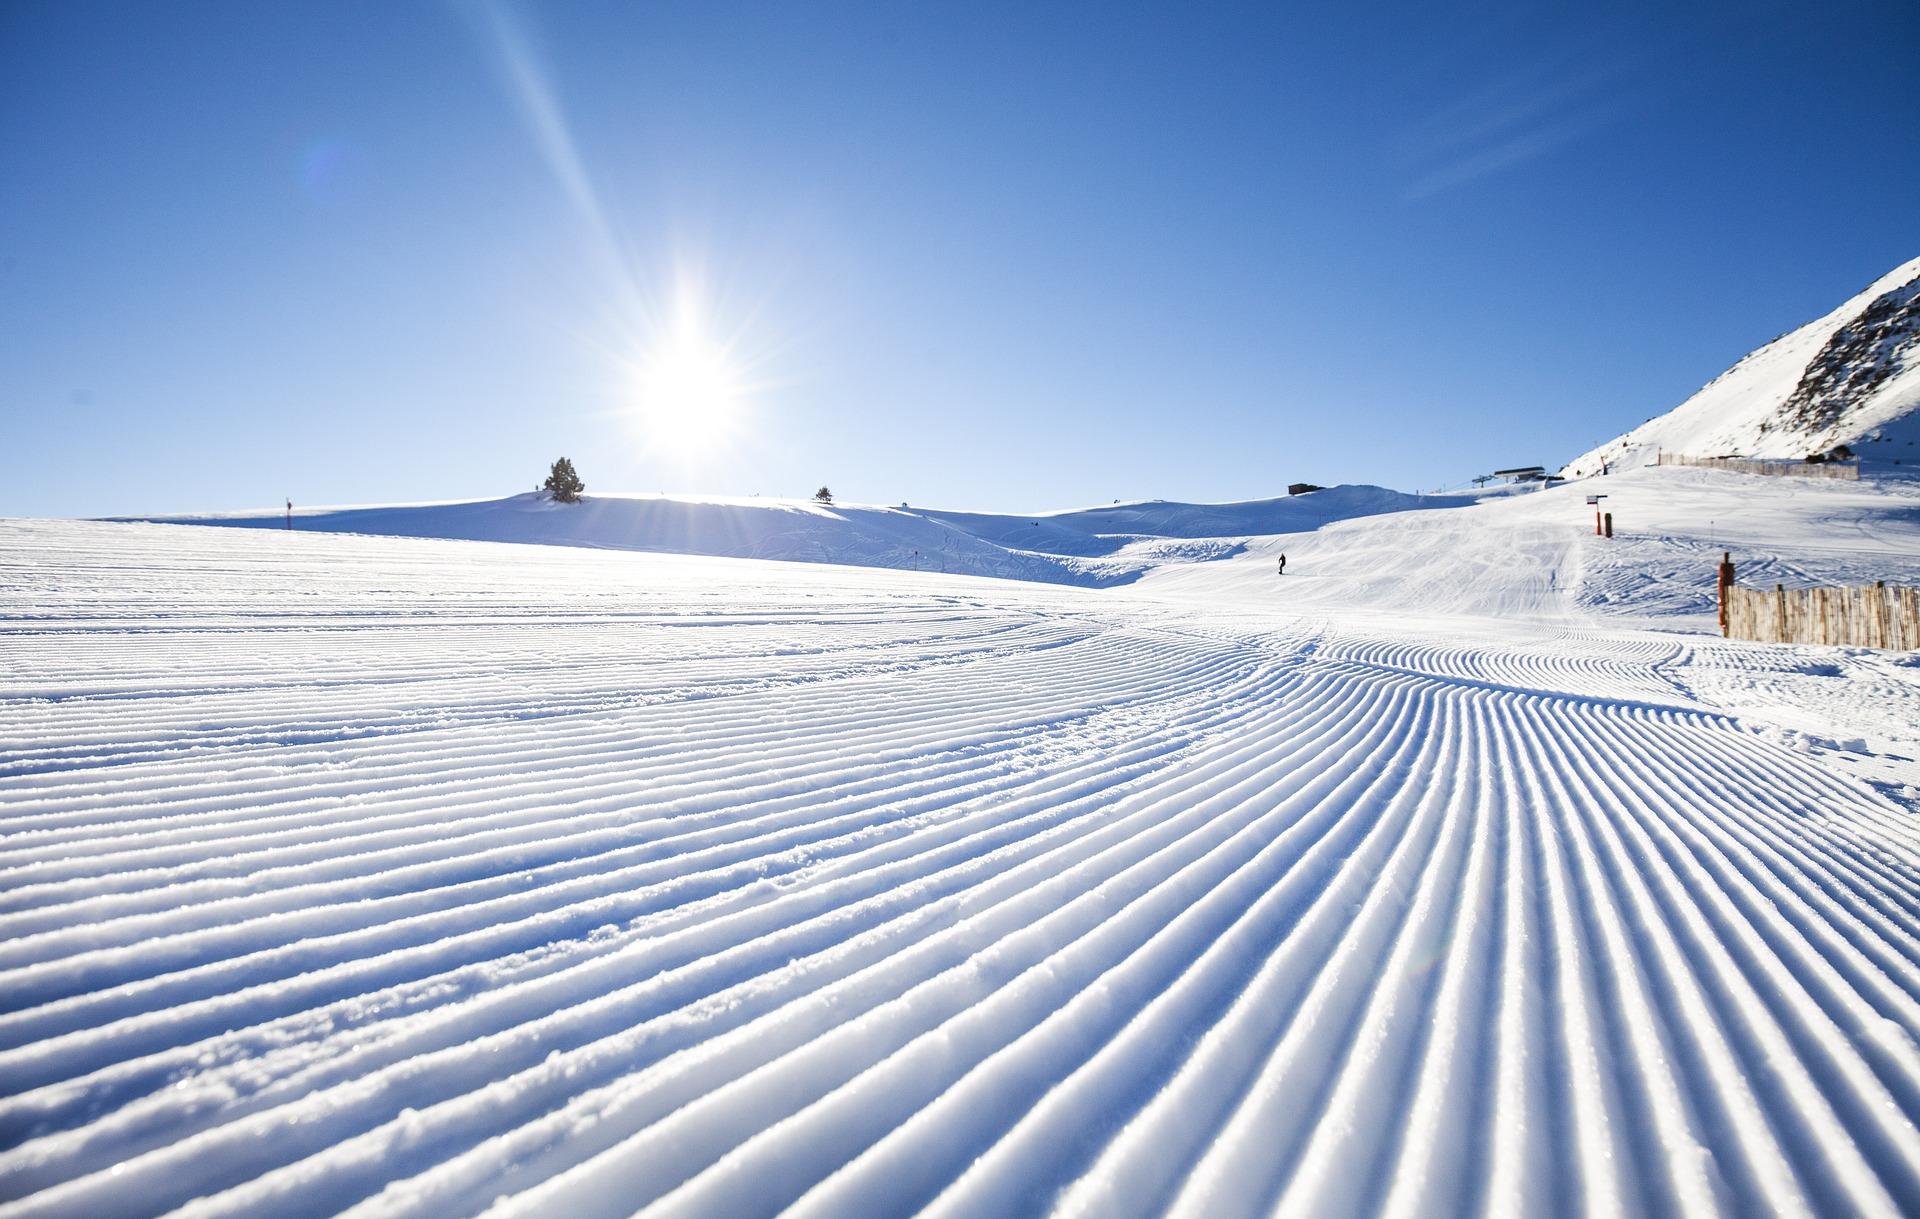 Plan a full schedule of winter activities in Andorra.